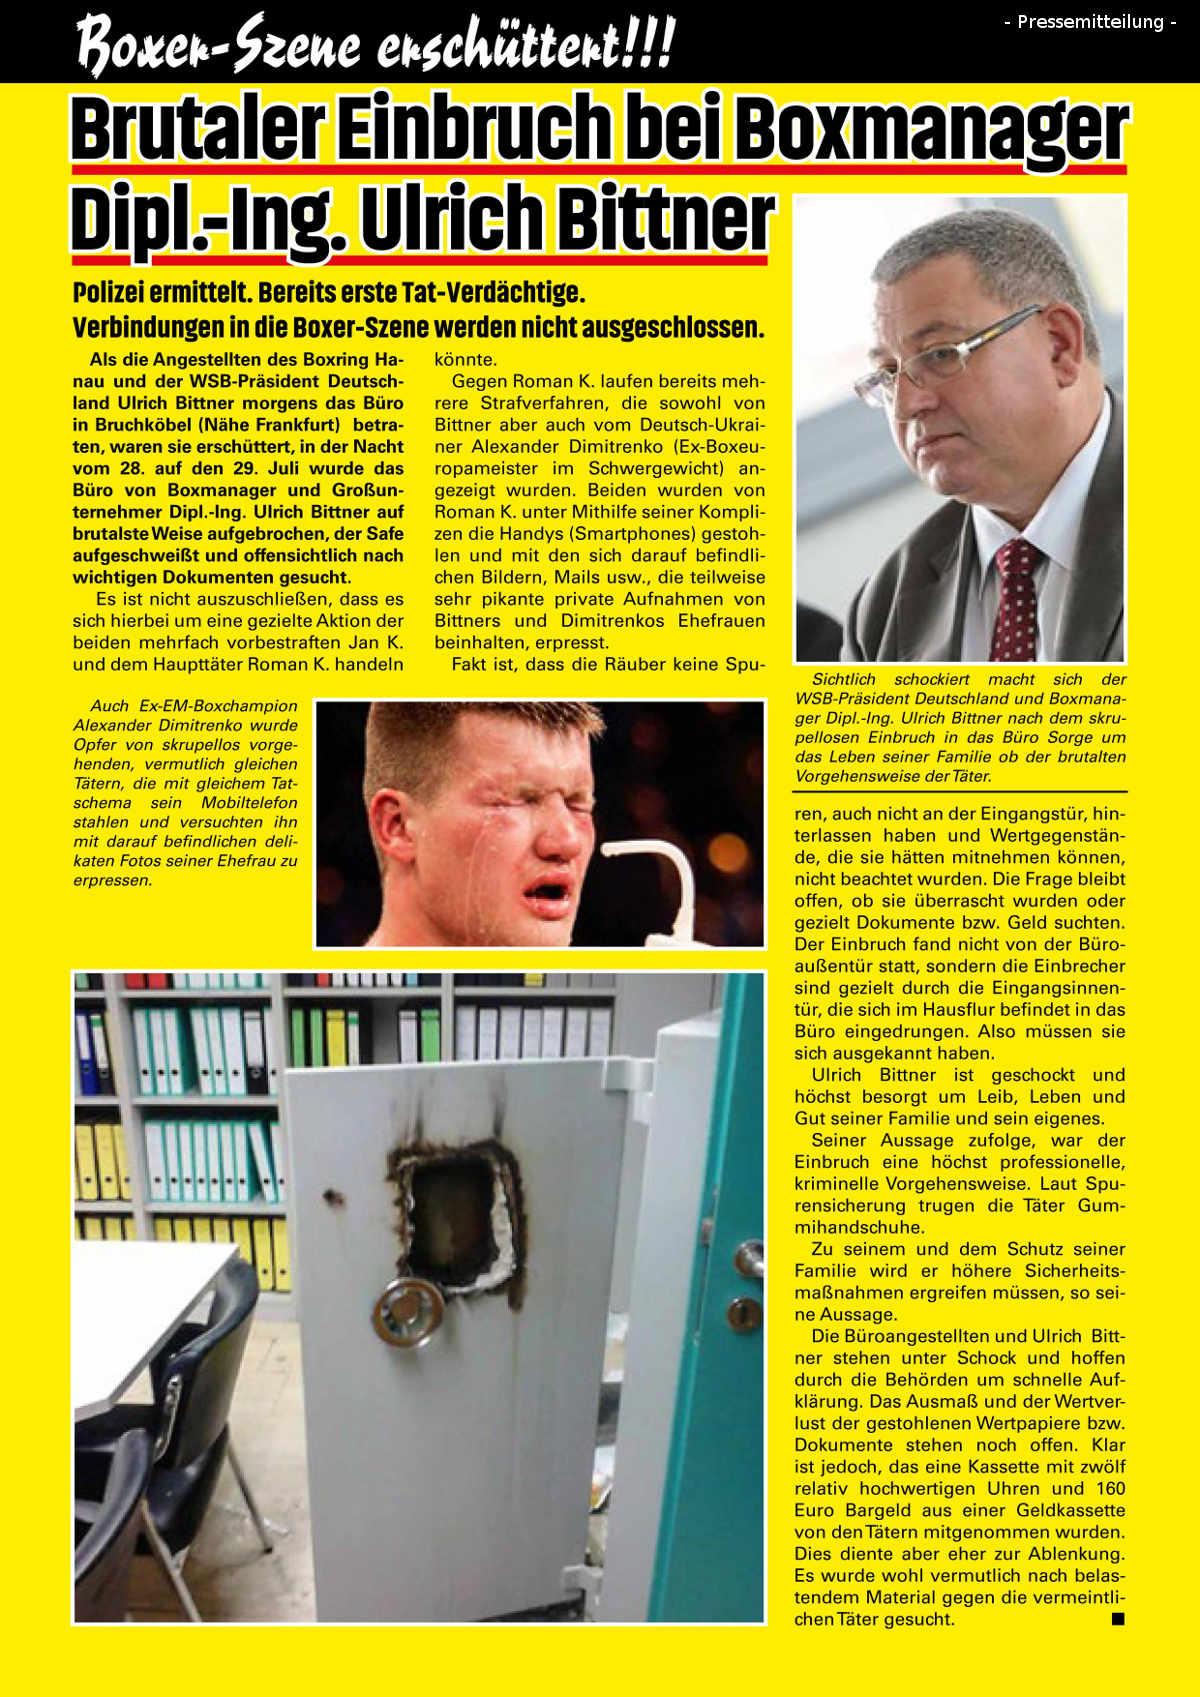 Pressemitteilung Einbruch Ulrich Bittner